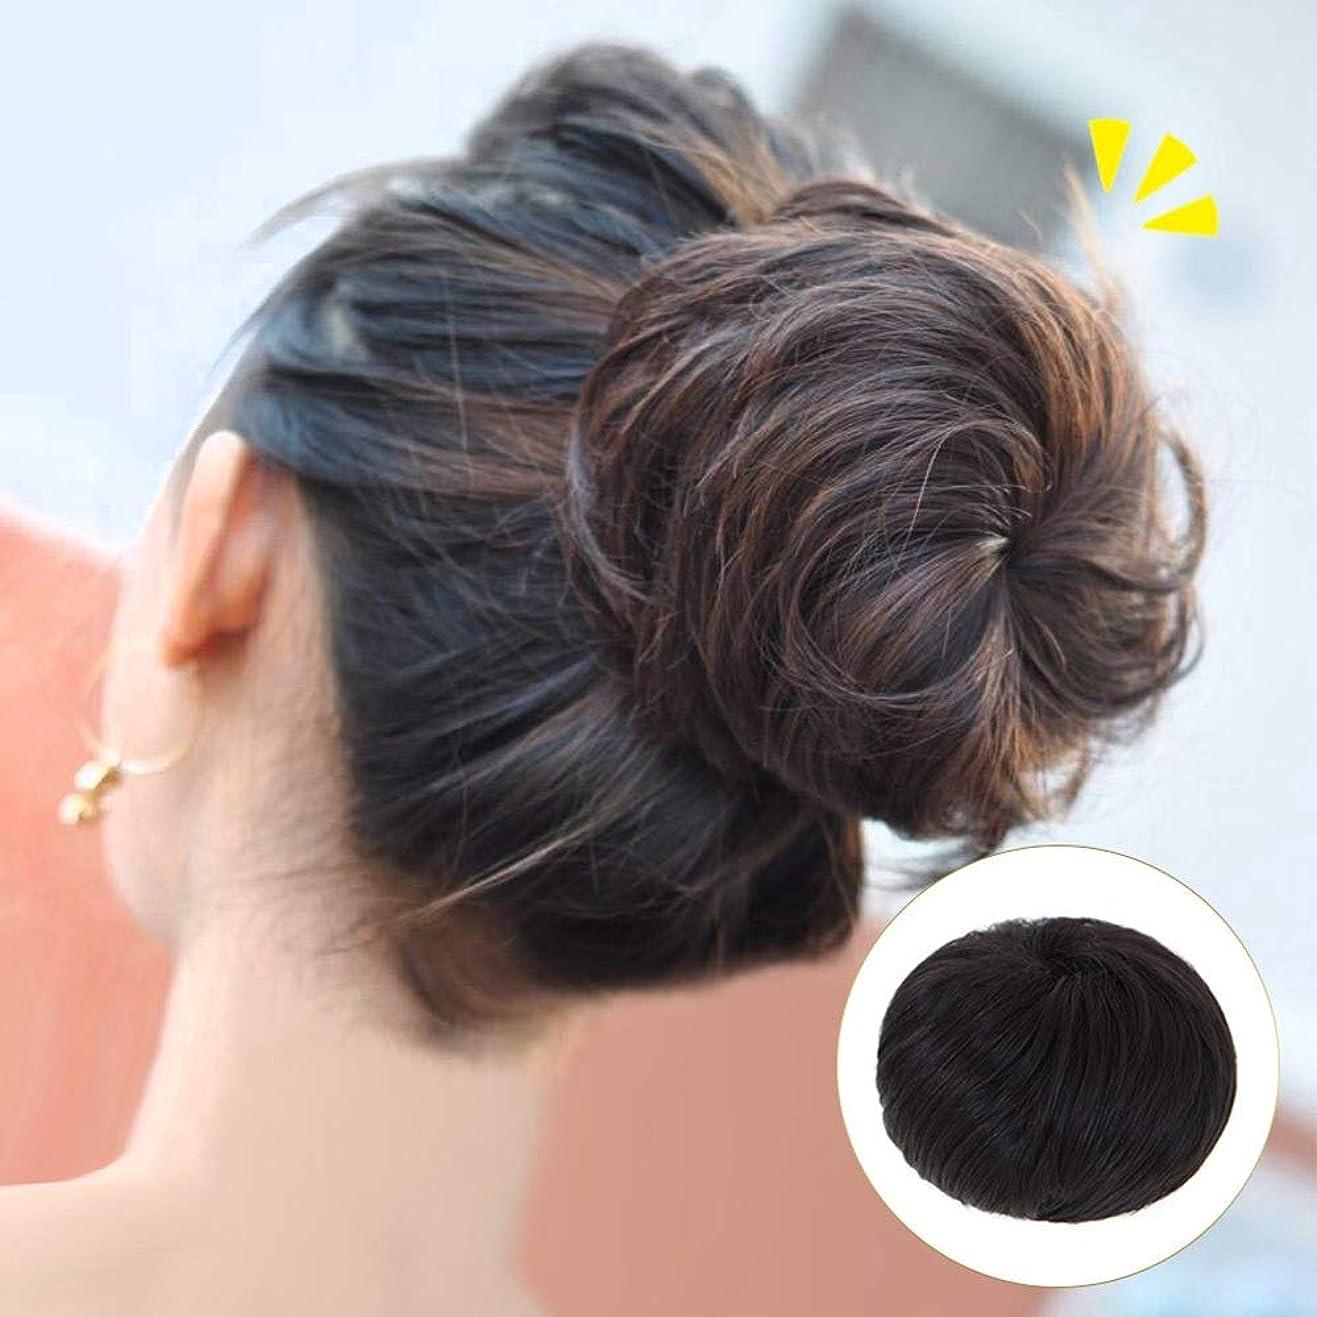 オリエントキャッシュ大使館BOBIDYEE 短い巻き毛のポニーテールラップ巾着パフポニーテールヘアエクステンションウィッグクリップ - ナチュラルブラックパーティーウィッグ (色 : 淡い茶色, サイズ : Straight hair)